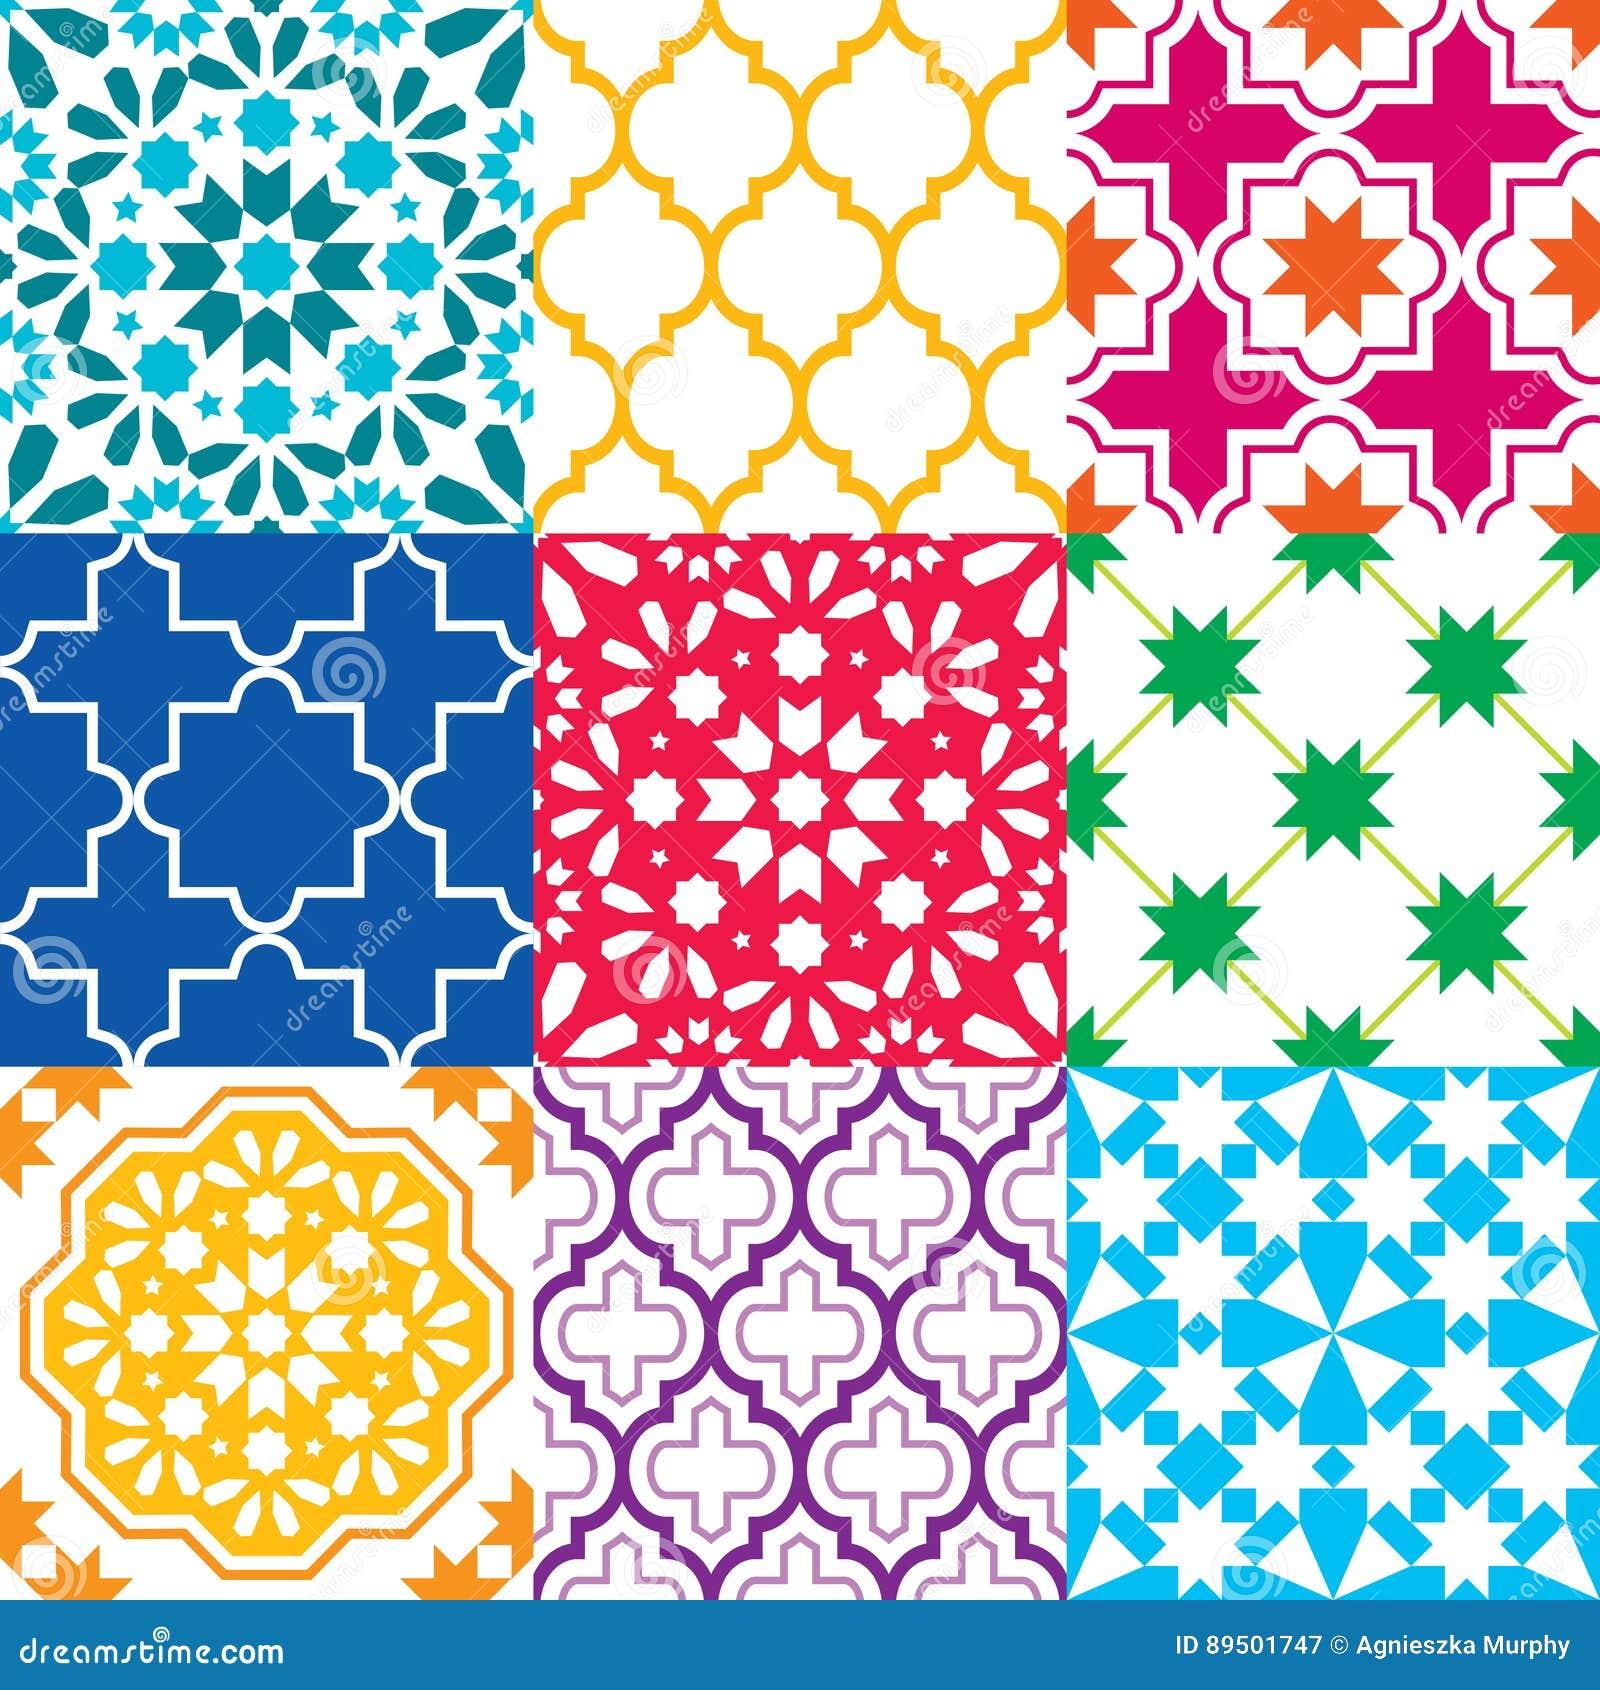 Beste De Marokkaanse Tegels Ontwerpen, Naadloze Geometrische UG-37